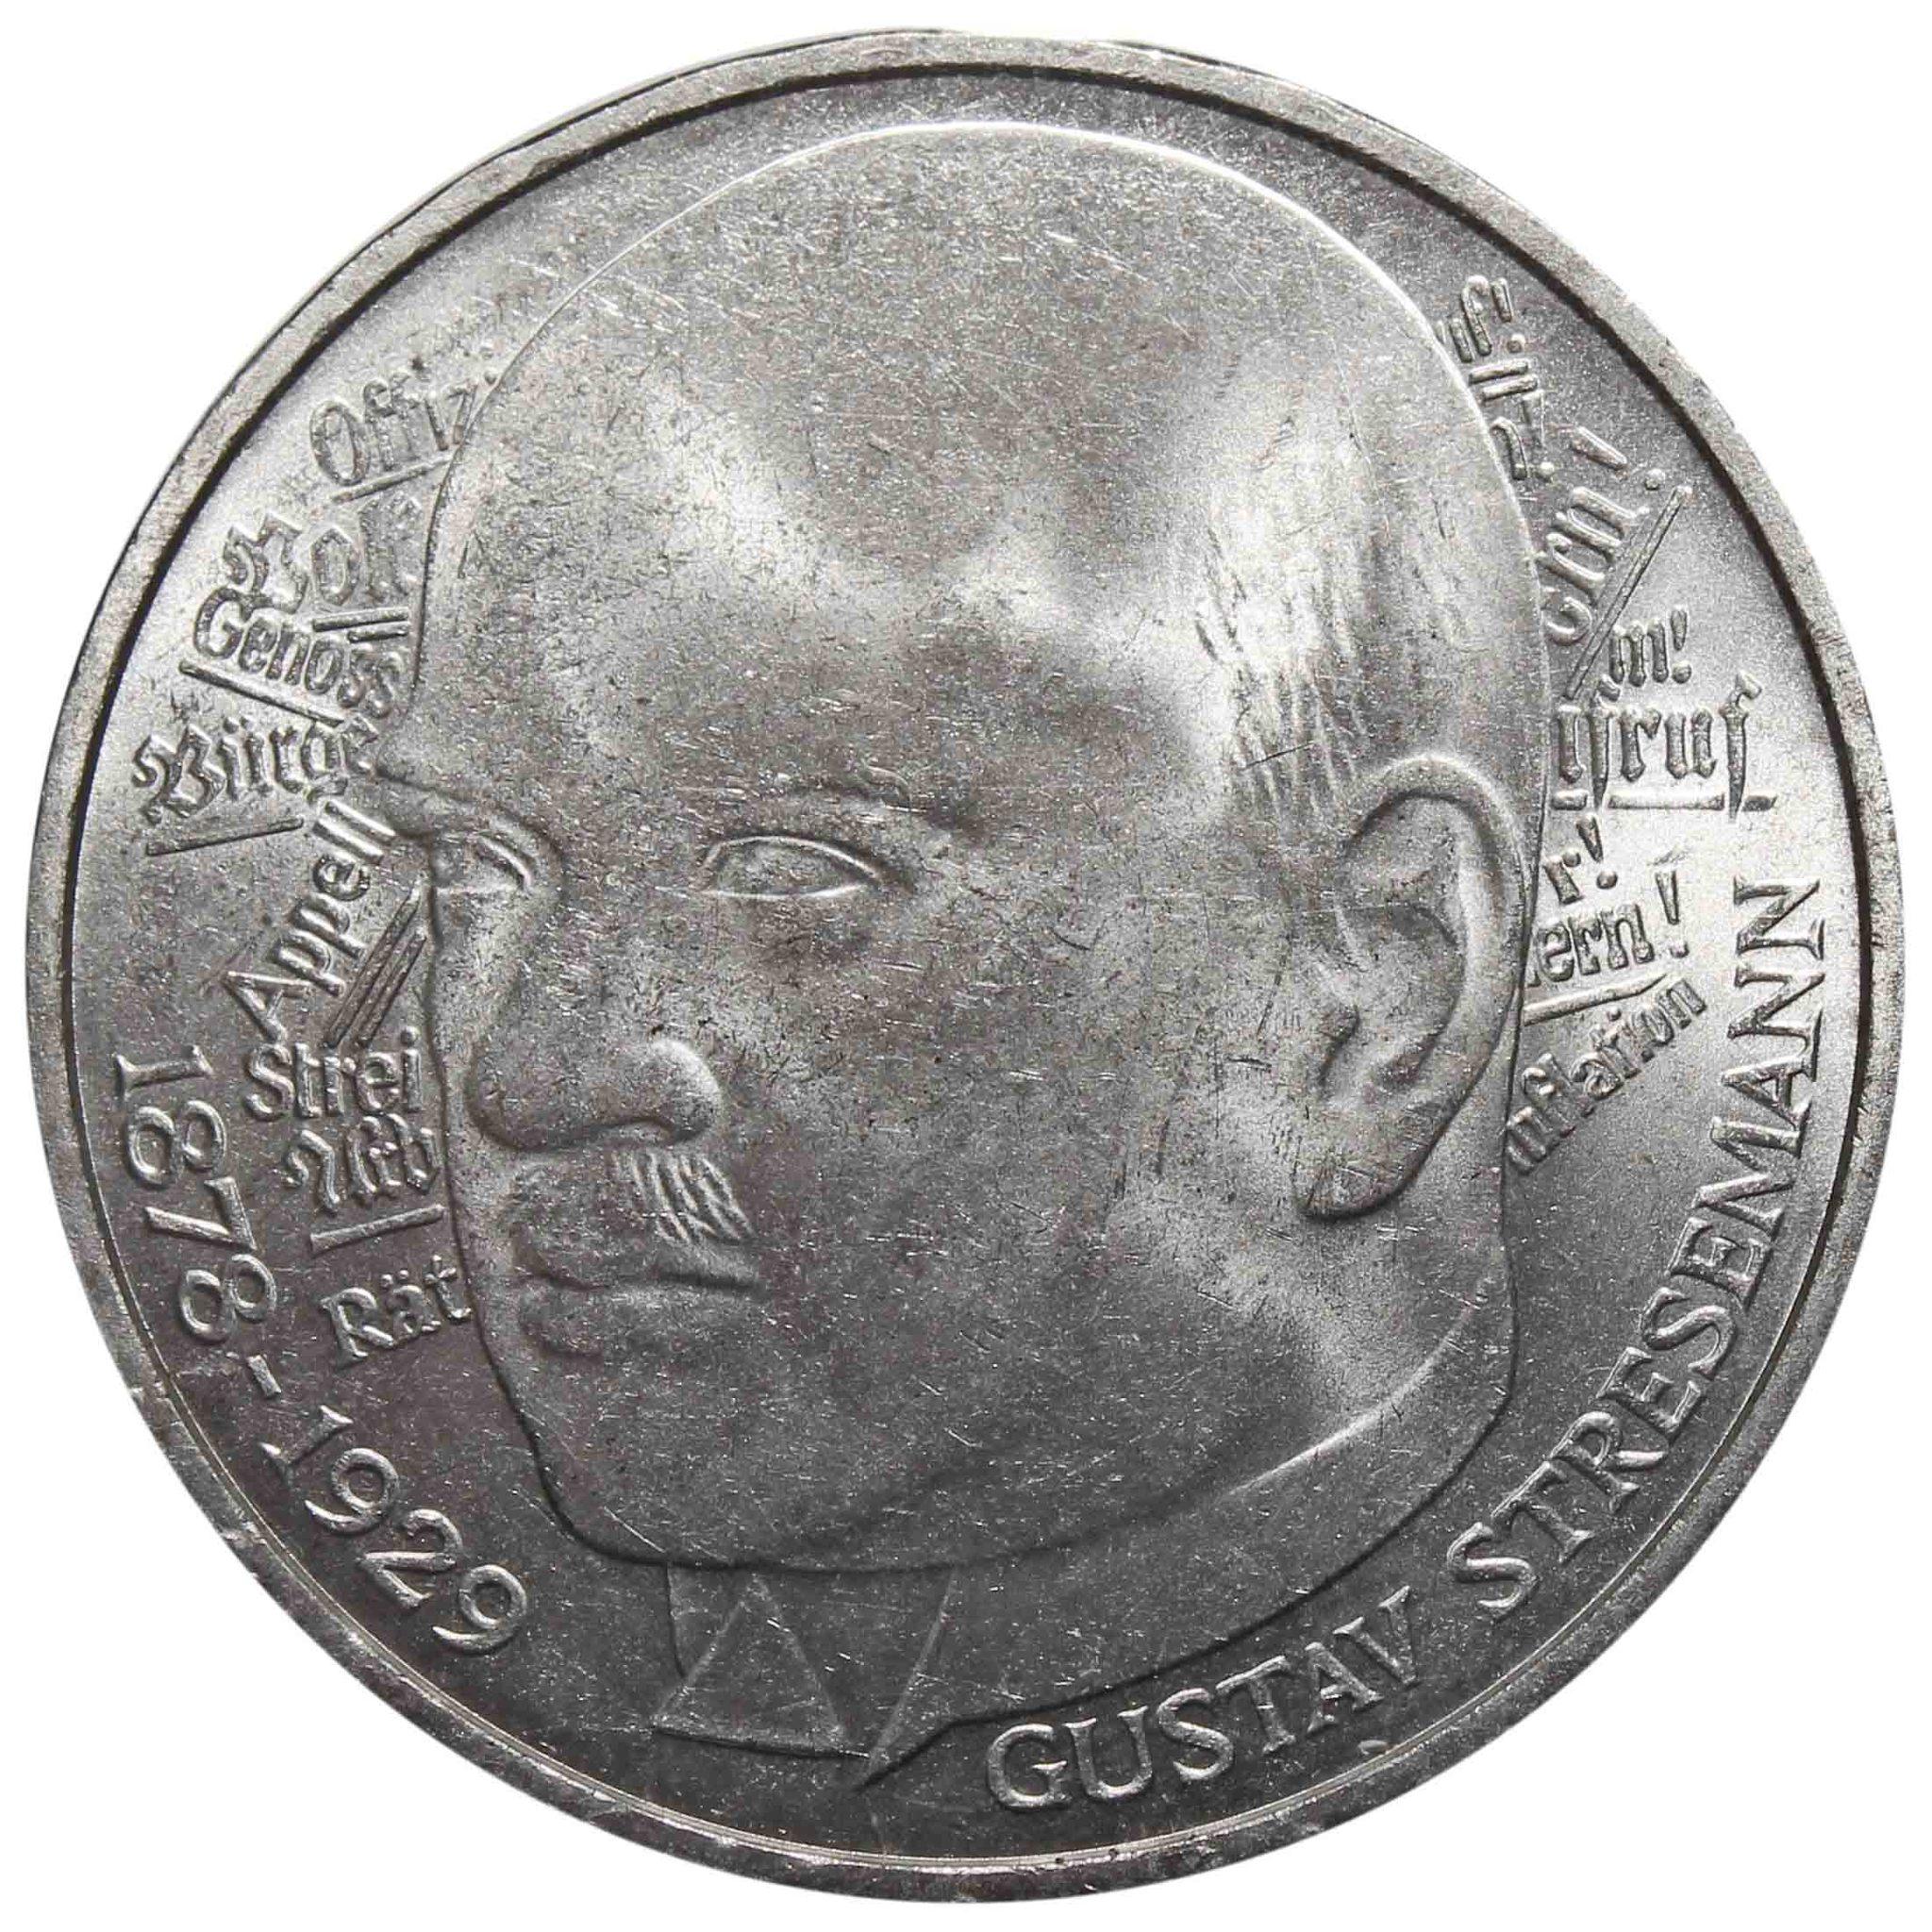 5 марок. 100 лет со дня рождения Густава Штреземана. Германия. (D). Серебро. 1978 год. AU